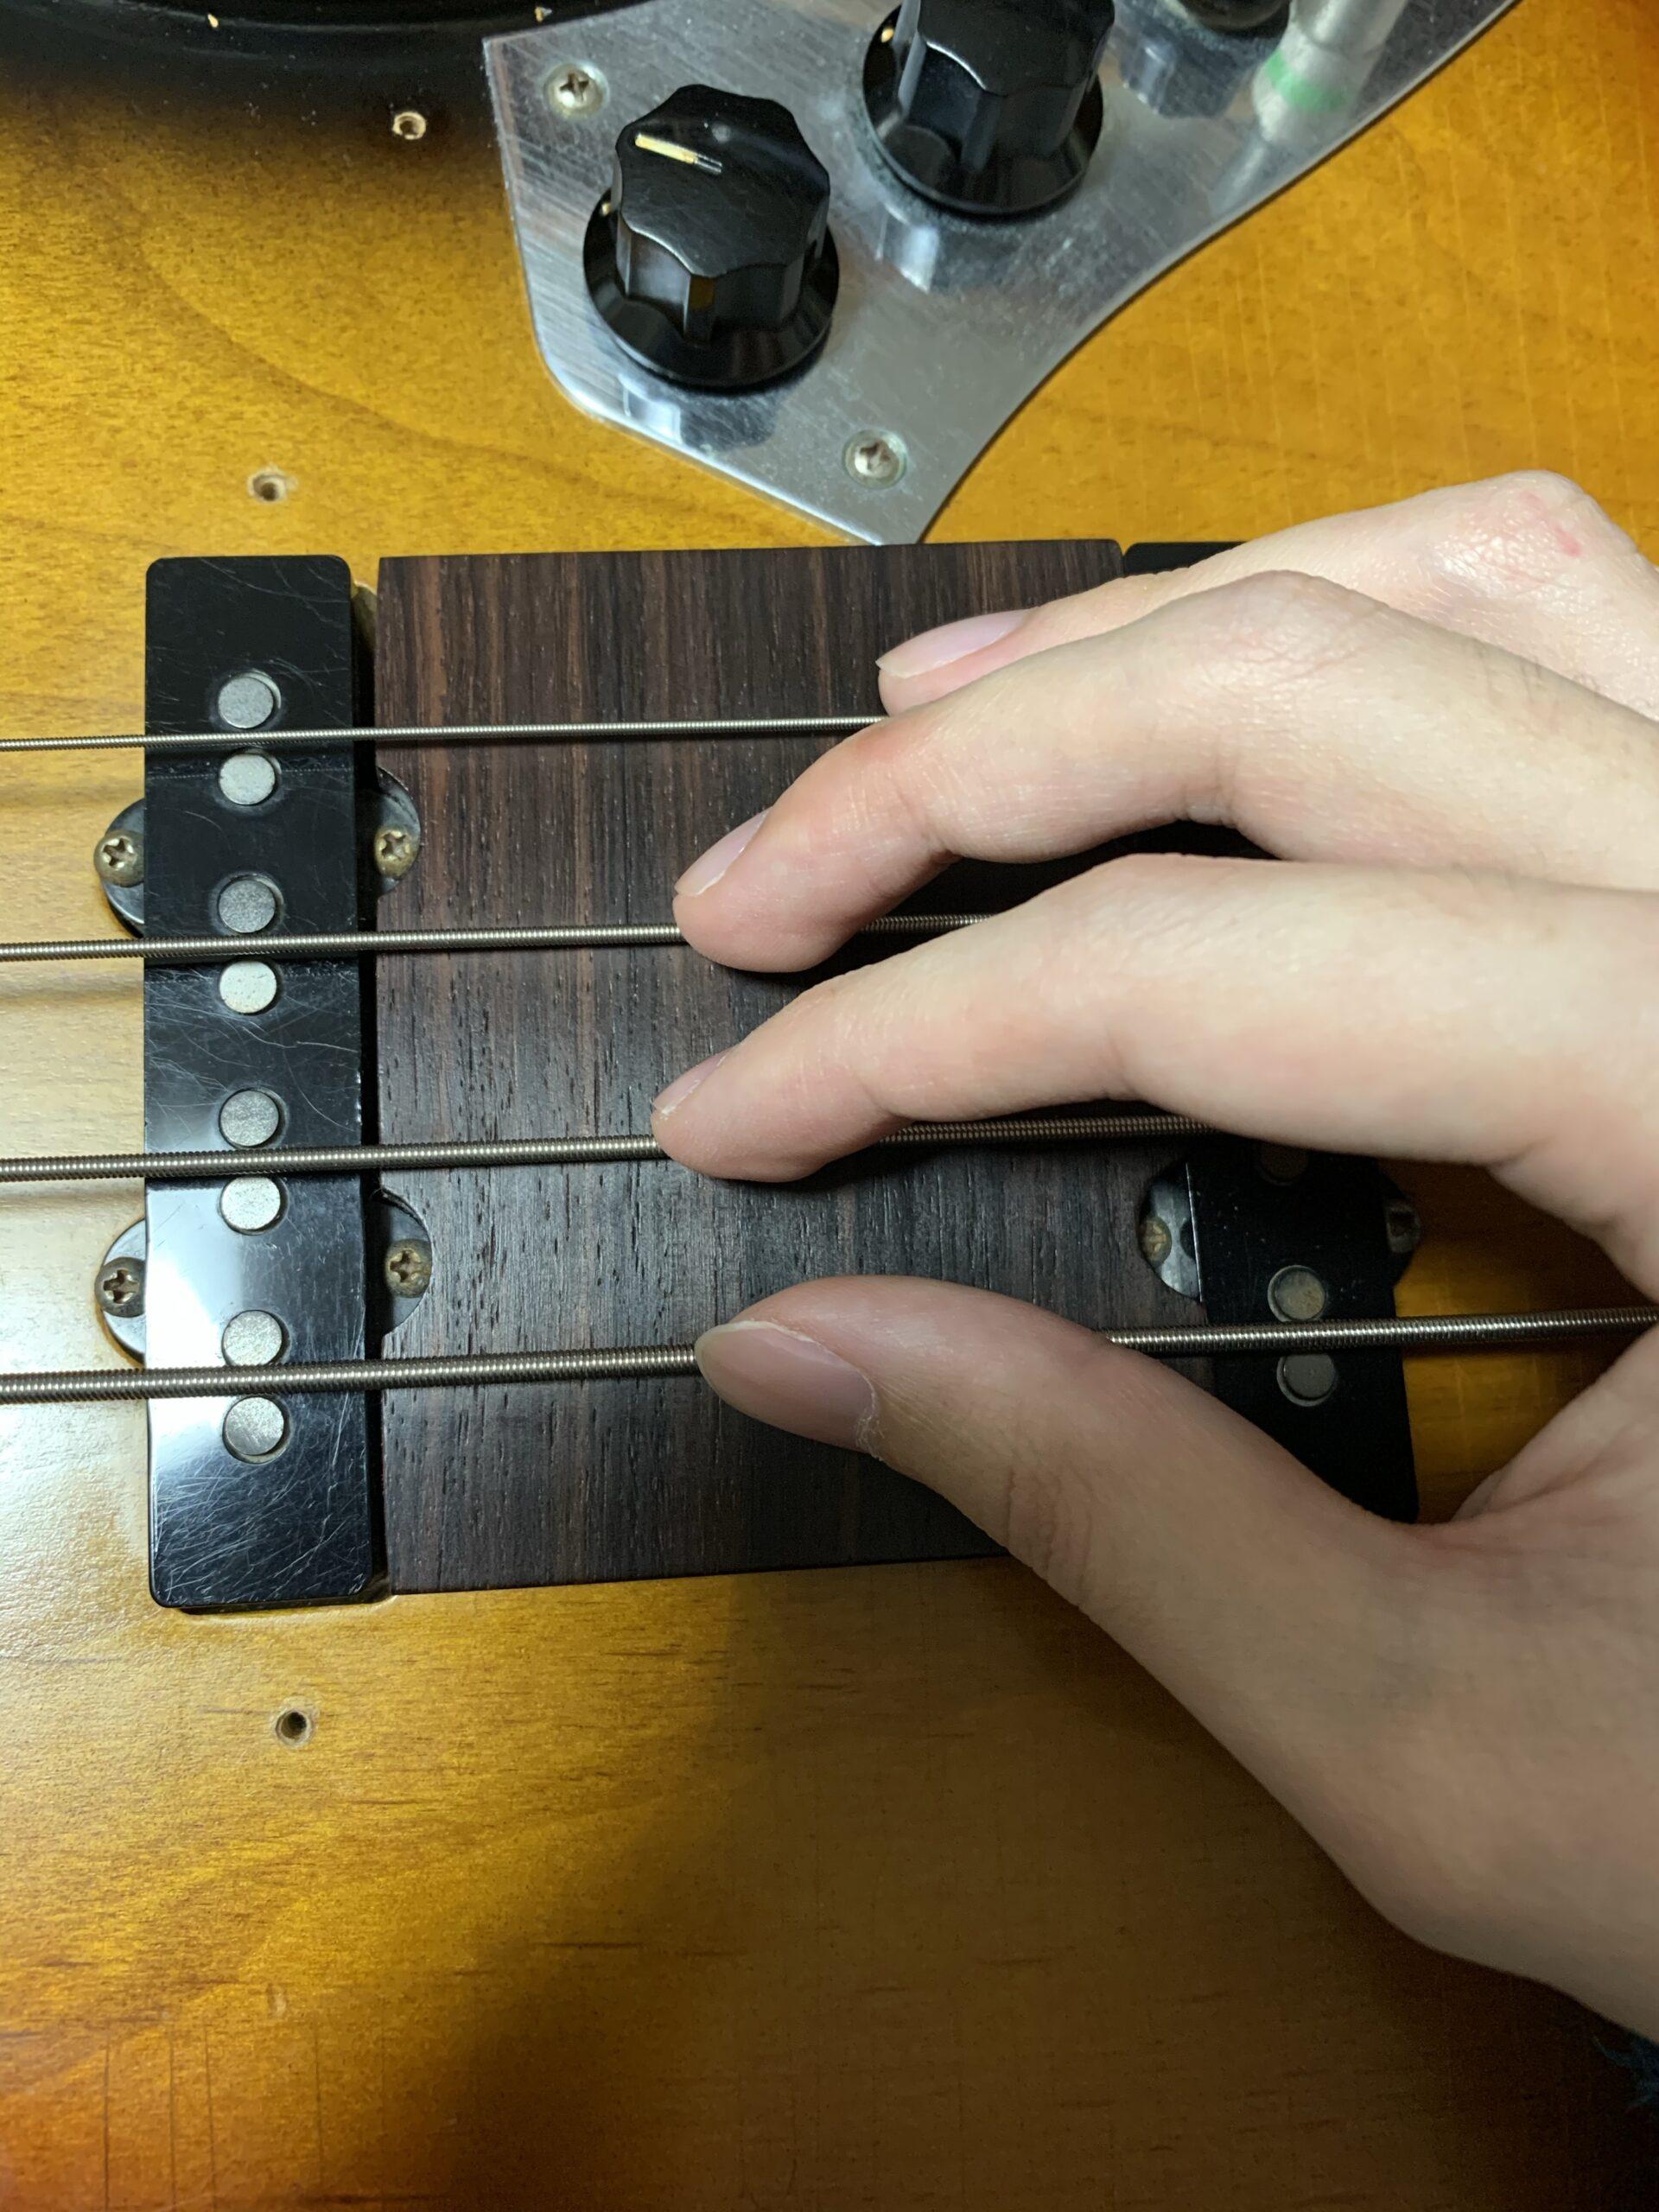 ベース奏法4フィンガーまとめ